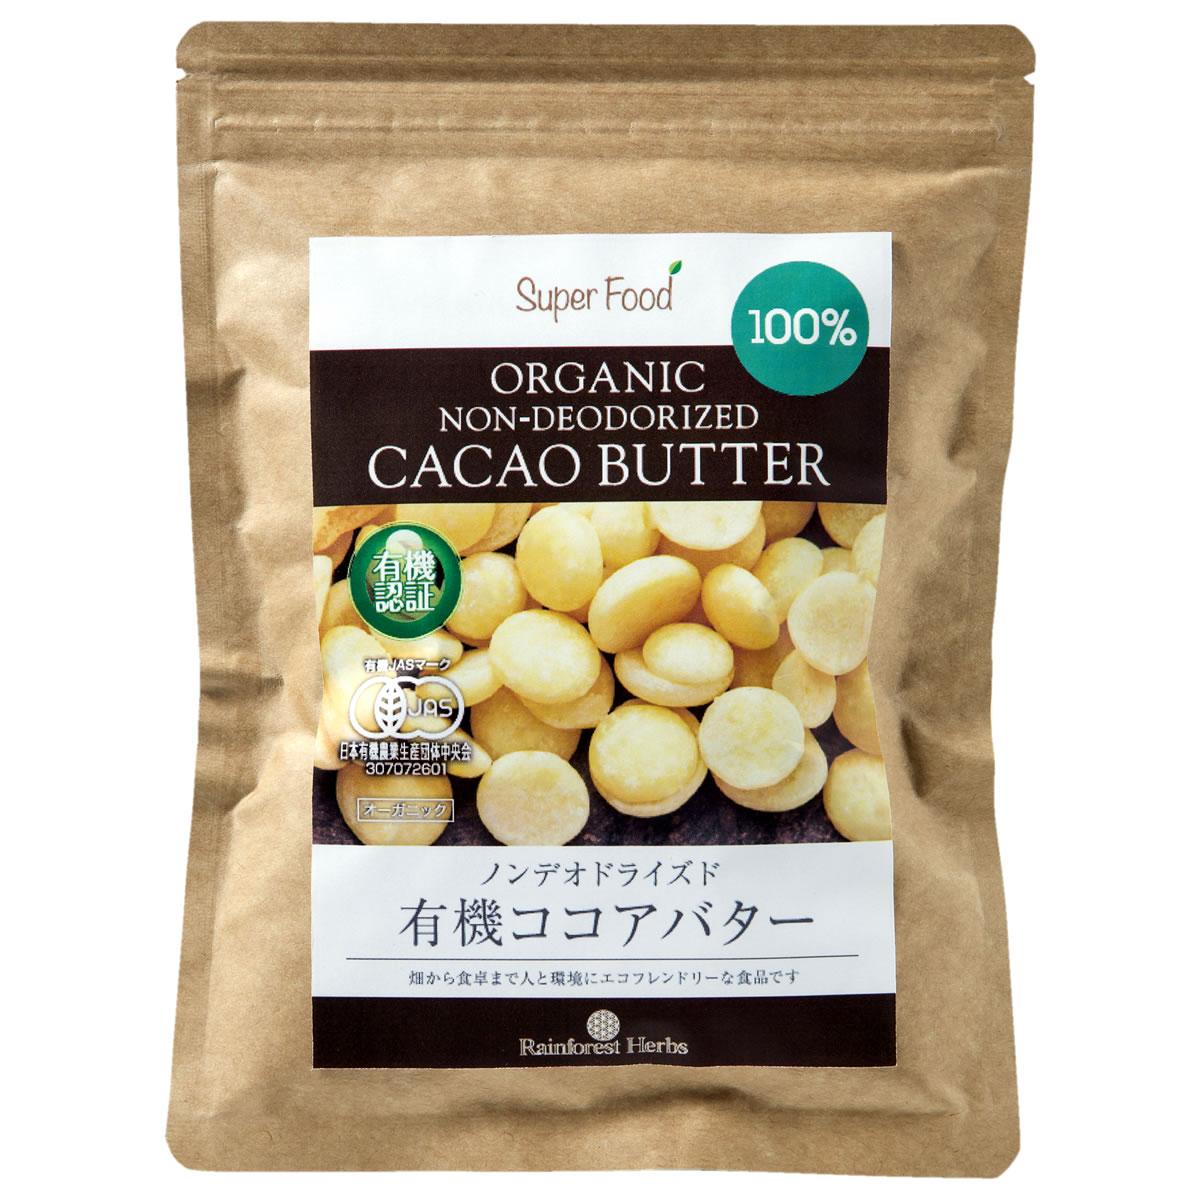 有機カカオバター100% 未脱臭 溶剤不使用 有機カカオバター ココアバター ついに入荷 有機JASオーガニック 海外 ペルー産 1袋 カカオバター100% 300g